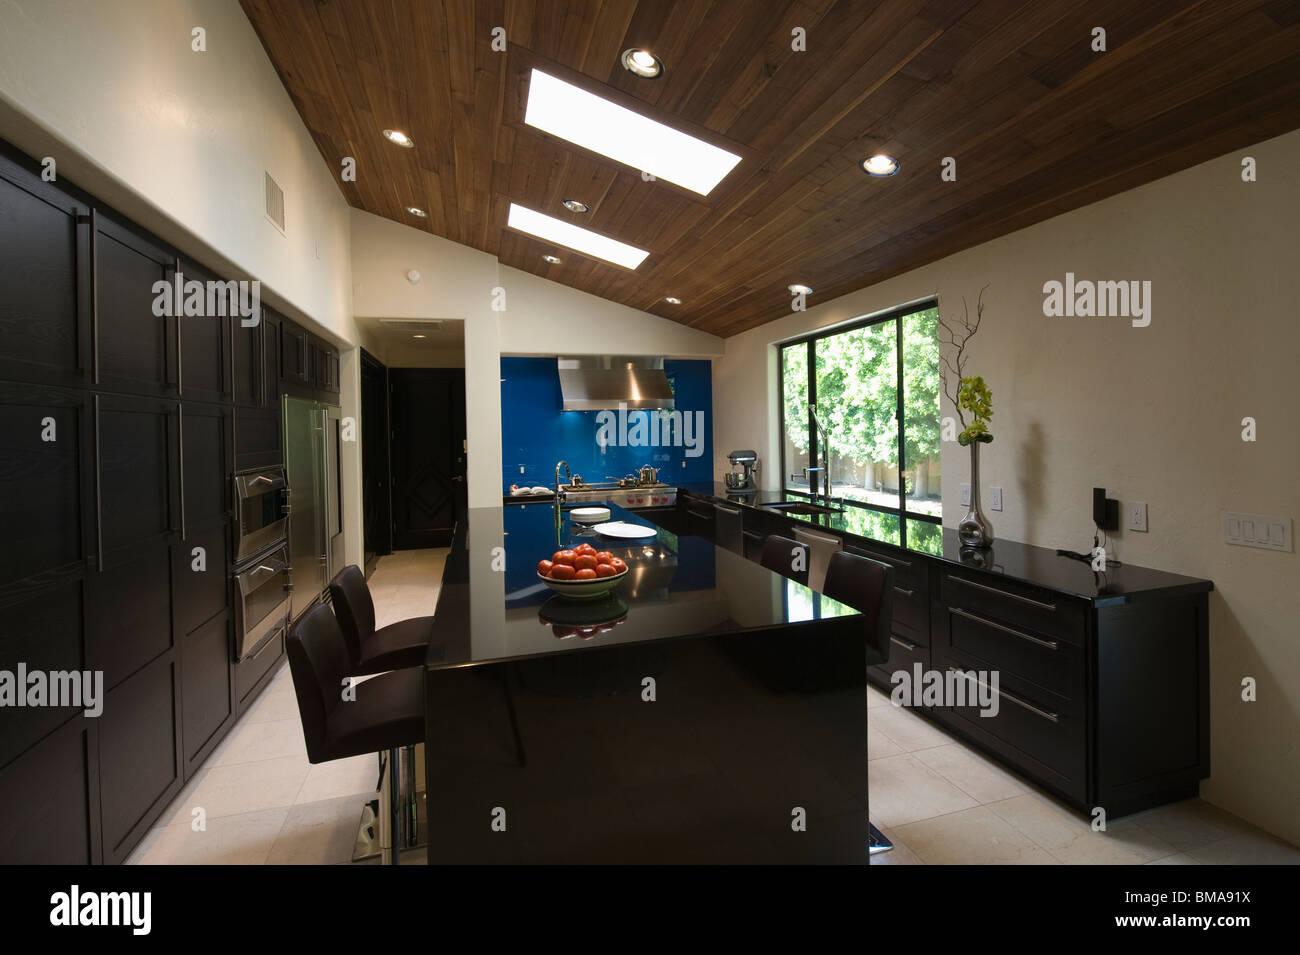 Schwarze Hochglanz Küche mit Oberlichtern Stockfoto, Bild: 29730118 ...